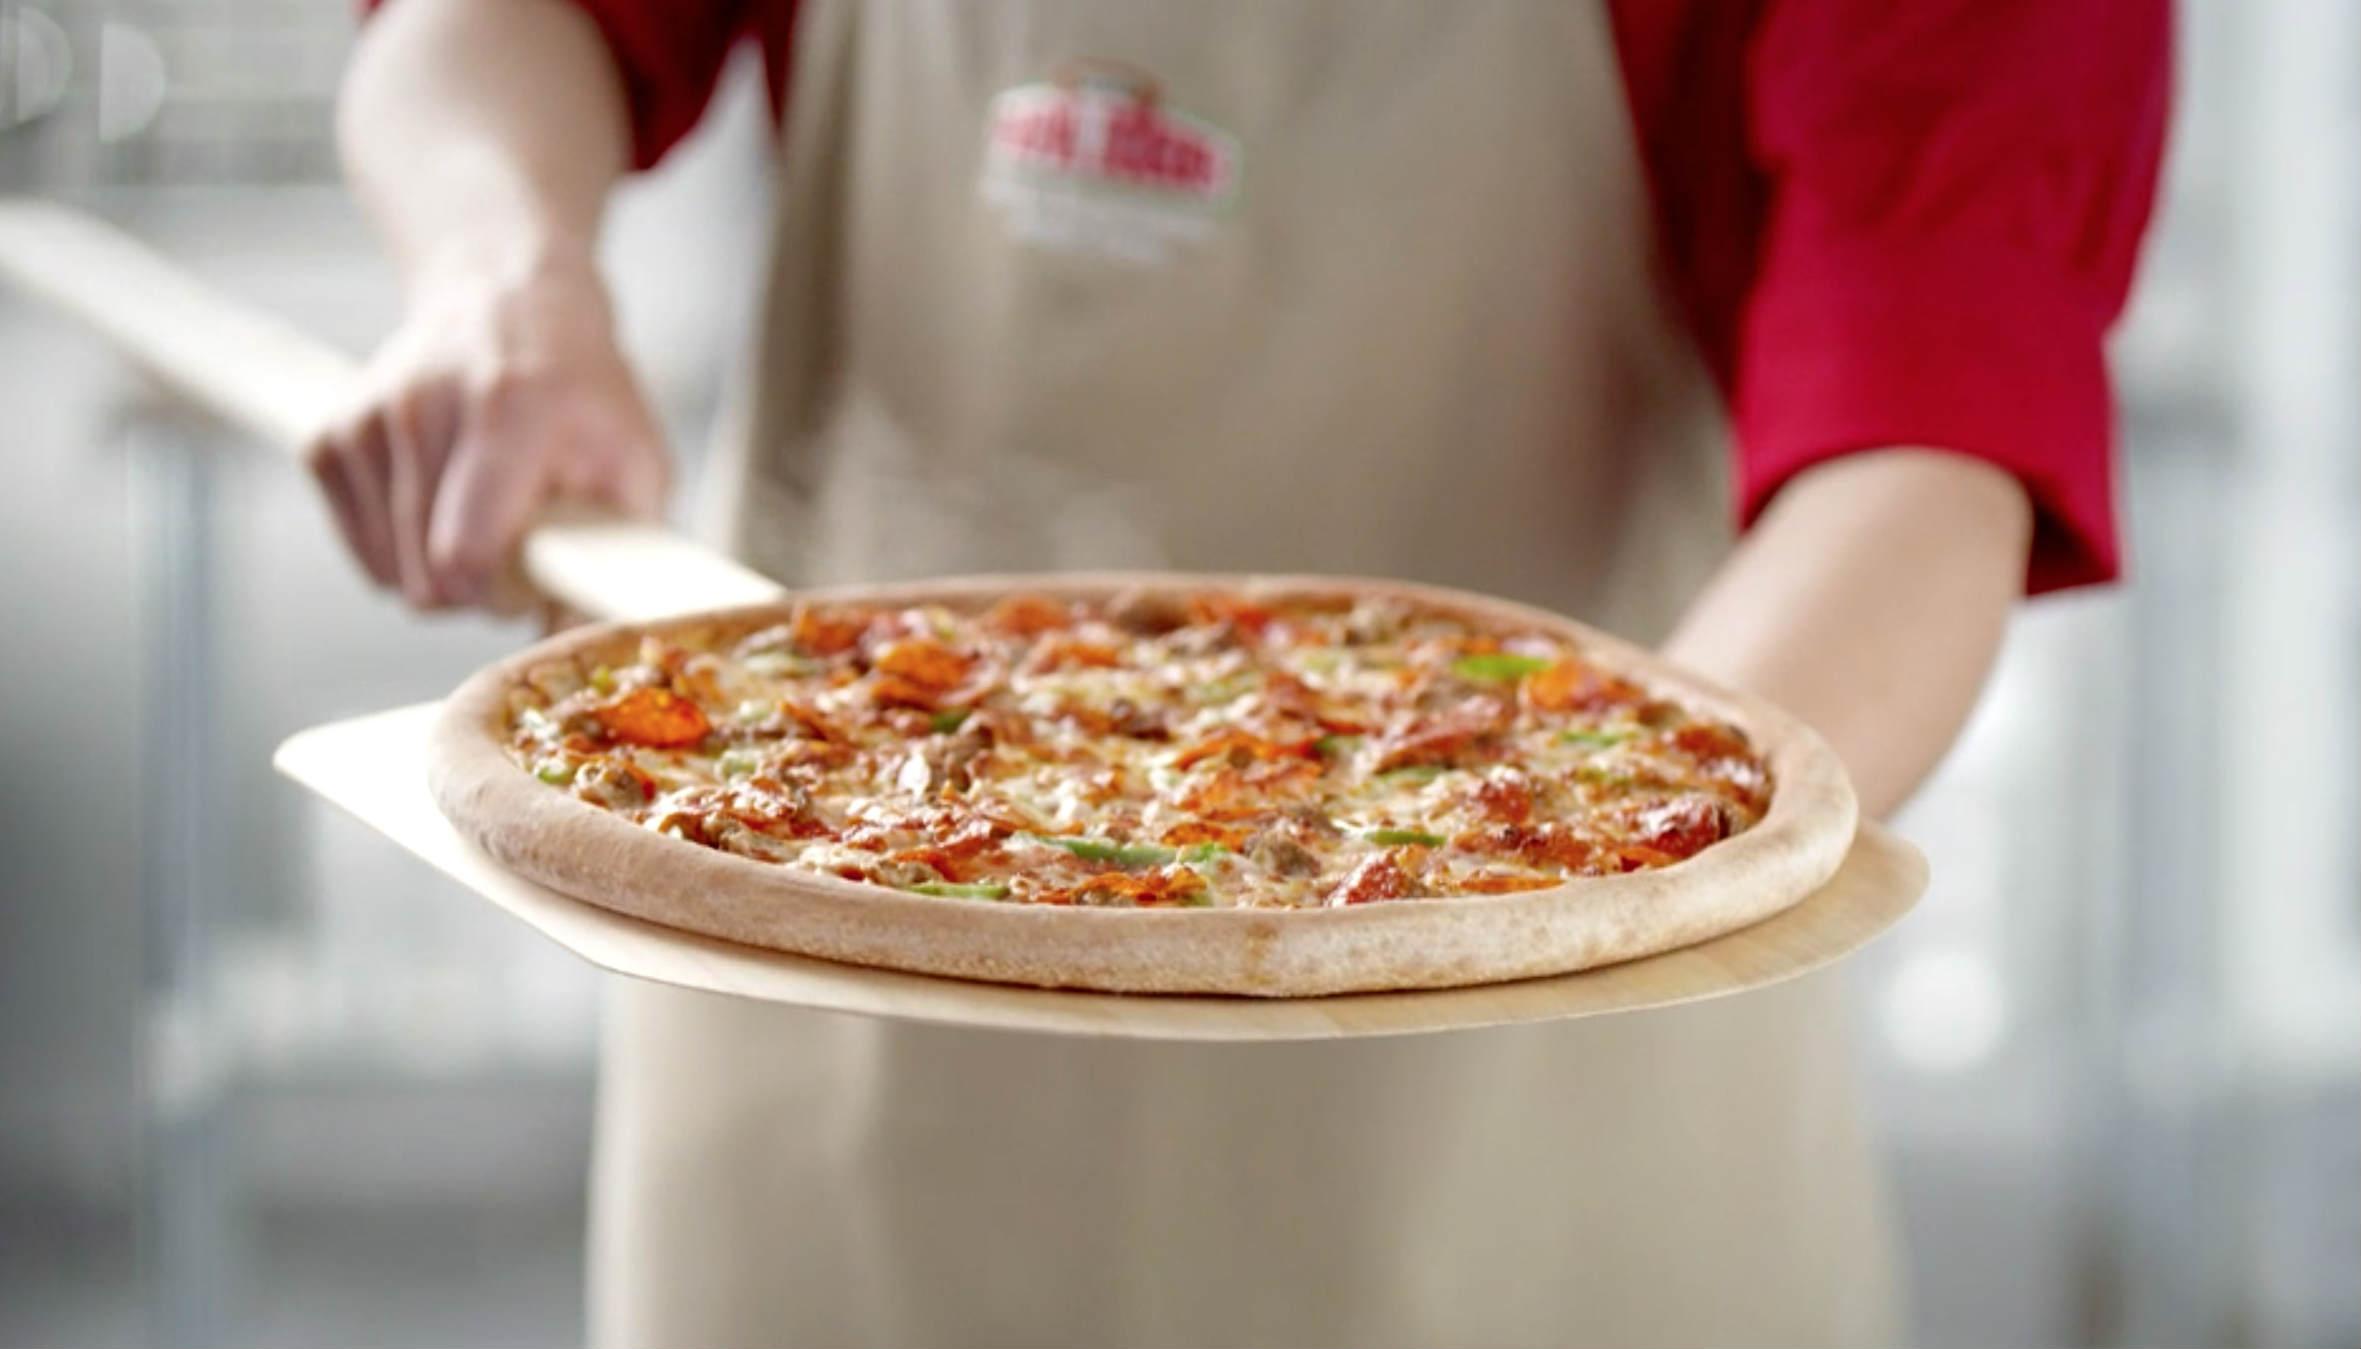 the papa johns pizza plan for india Pide tu pizza favorita de papa john's usamos los mejores ingredientes para hacer la major pizza con tu cuenta papa john's, puedes almacenar diferentes direcciones, tus pedidos favoritos y revisar tu historial de pedidos.